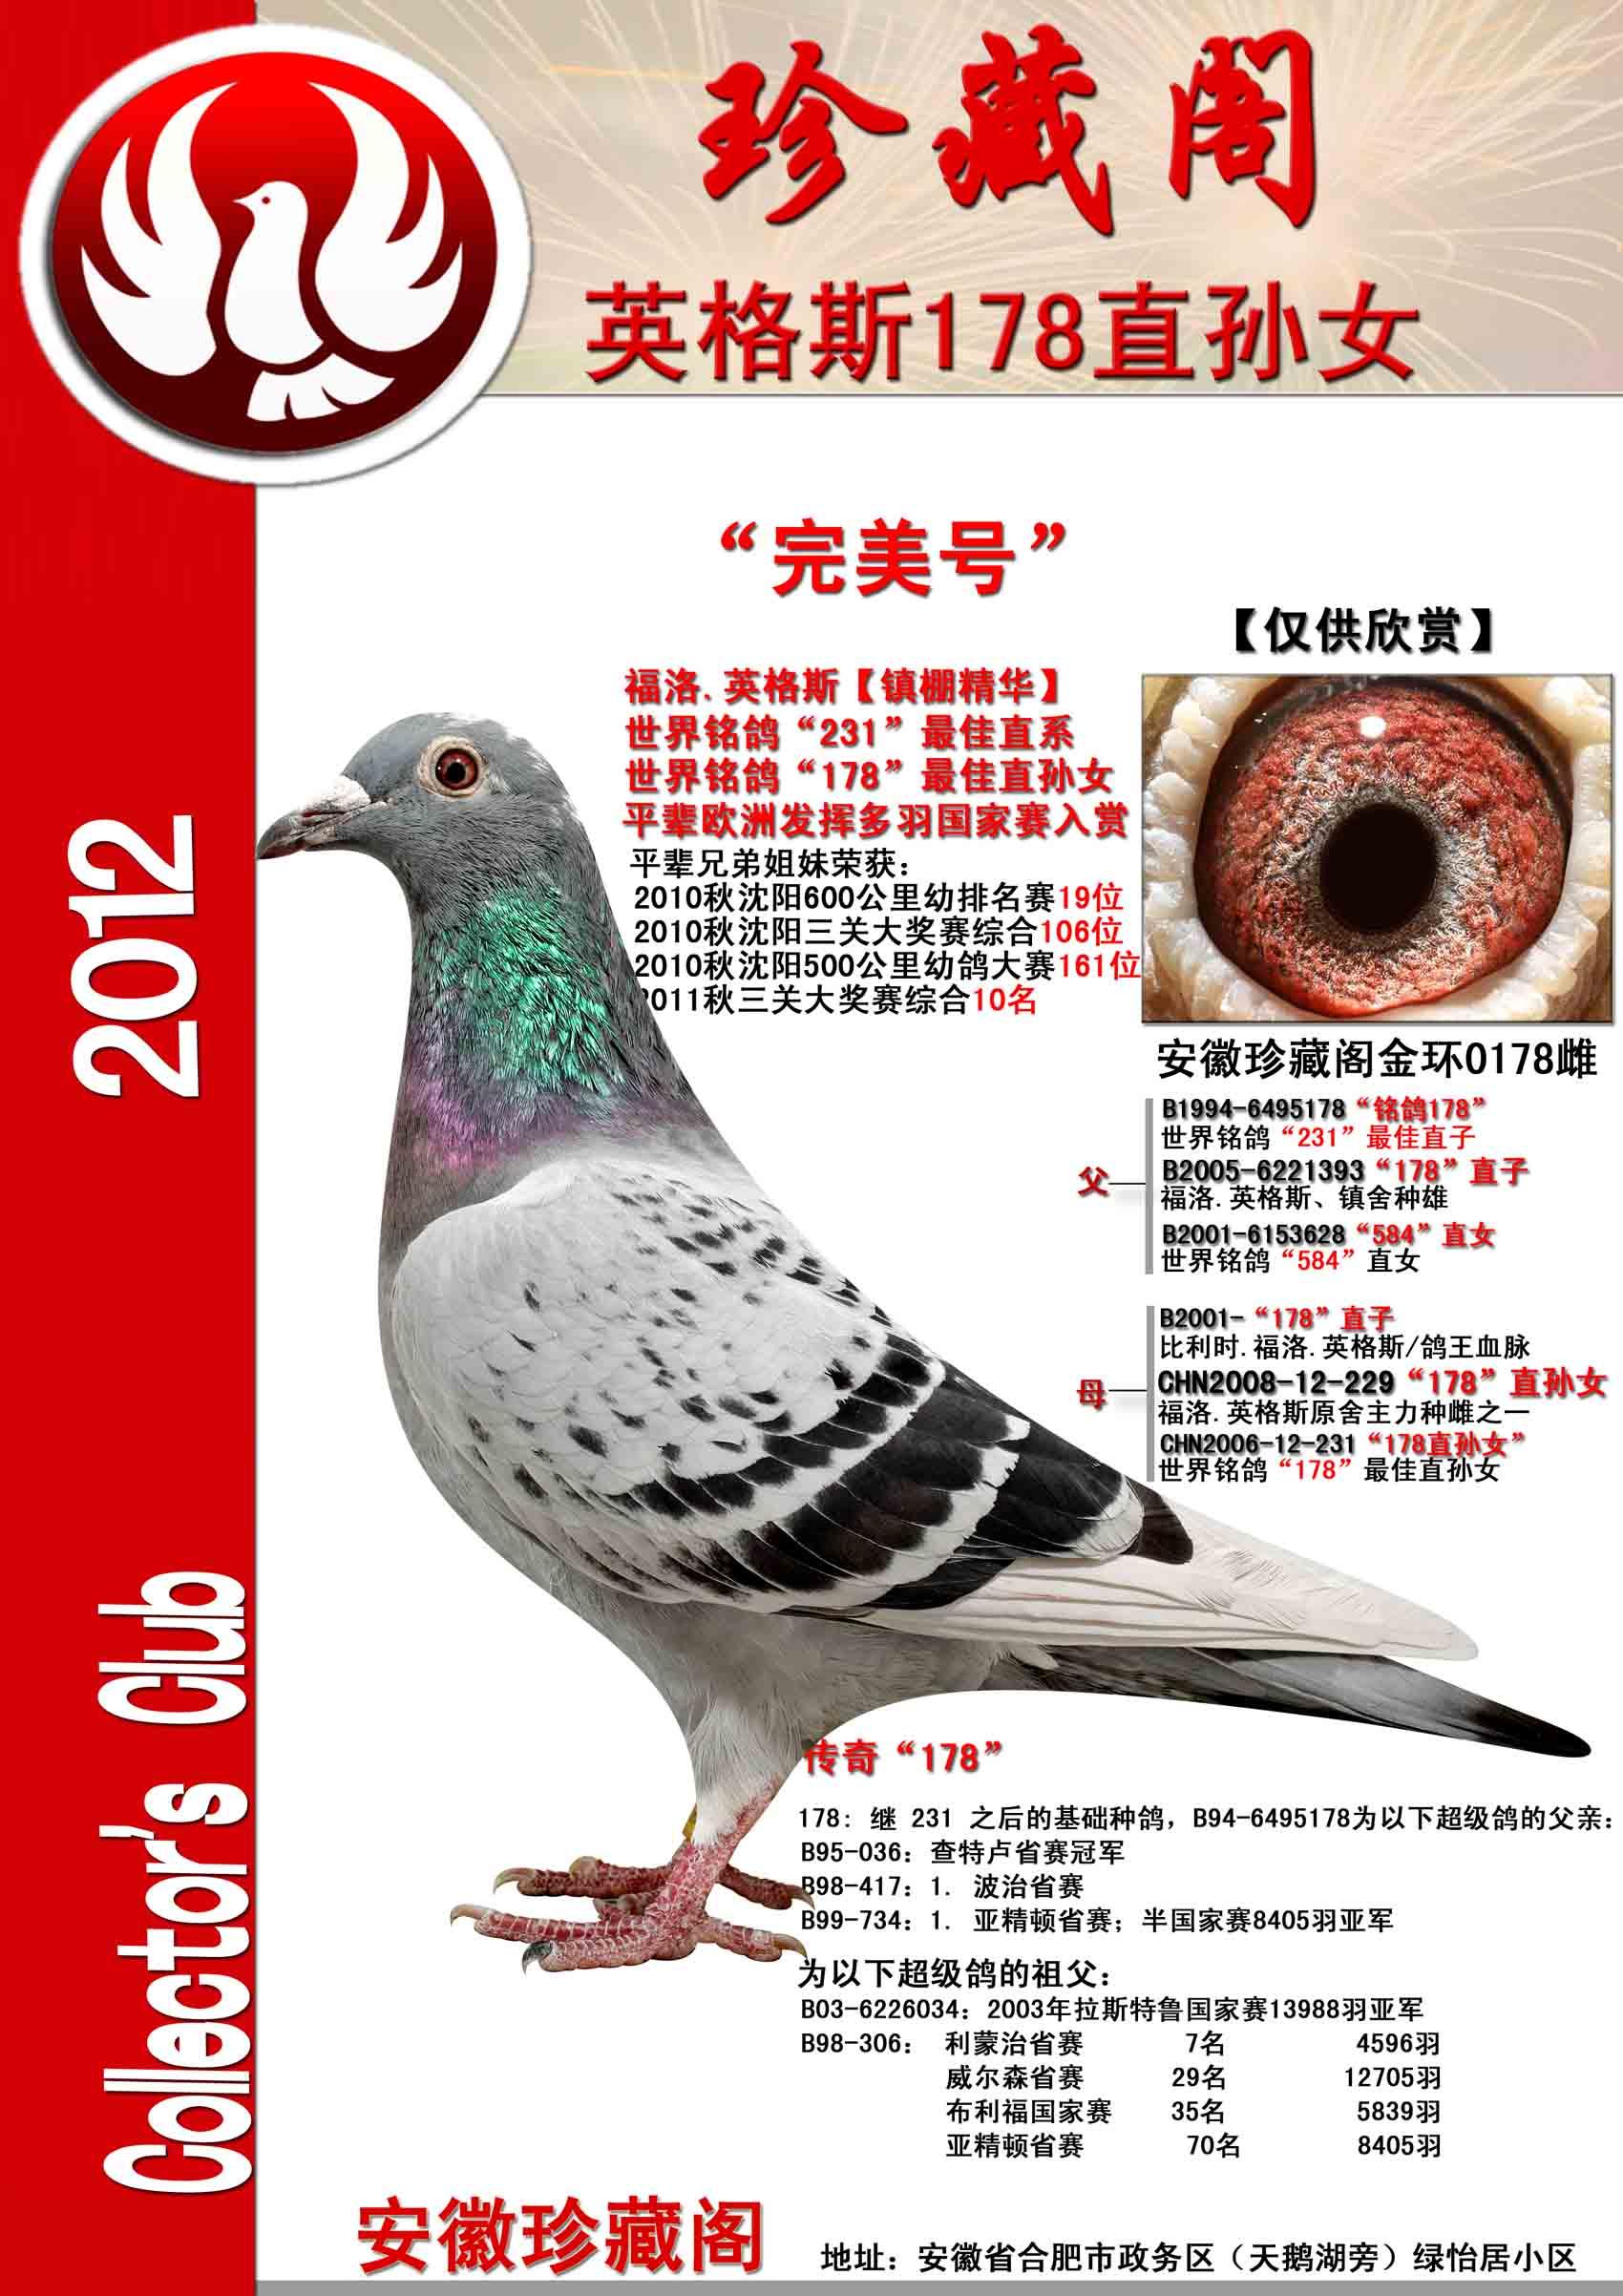 动物 鸽 鸽子 教学图示 鸟 鸟类 1700_2405 竖版 竖屏